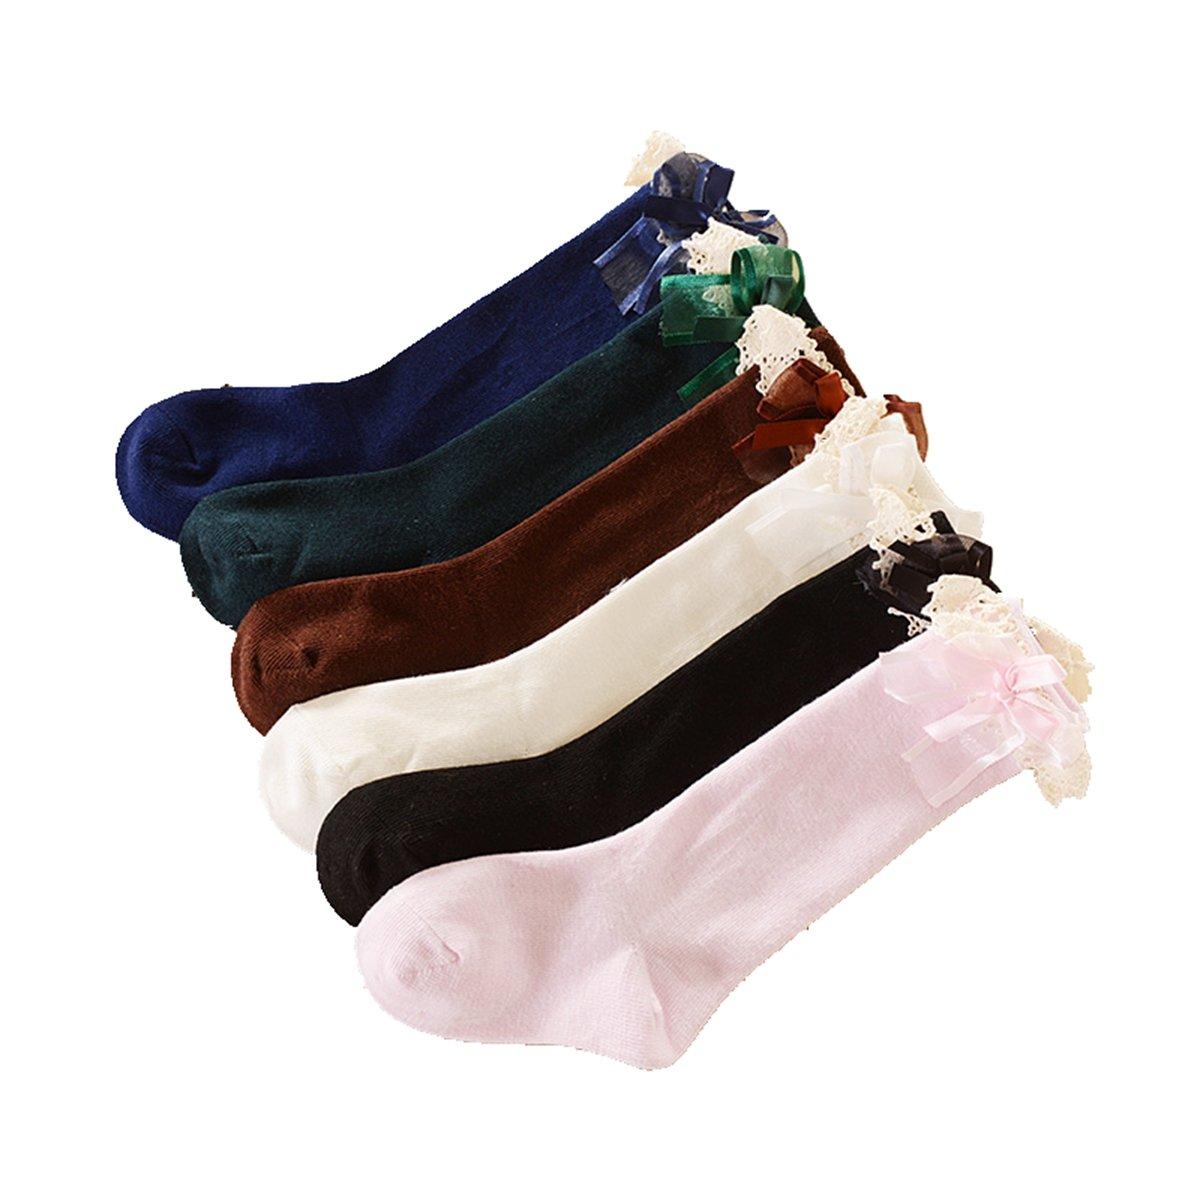 Calcetines hasta la rodilla para niña Cordón Calcetines con suela de algodón 6 pares de calcetines Cczmfeas